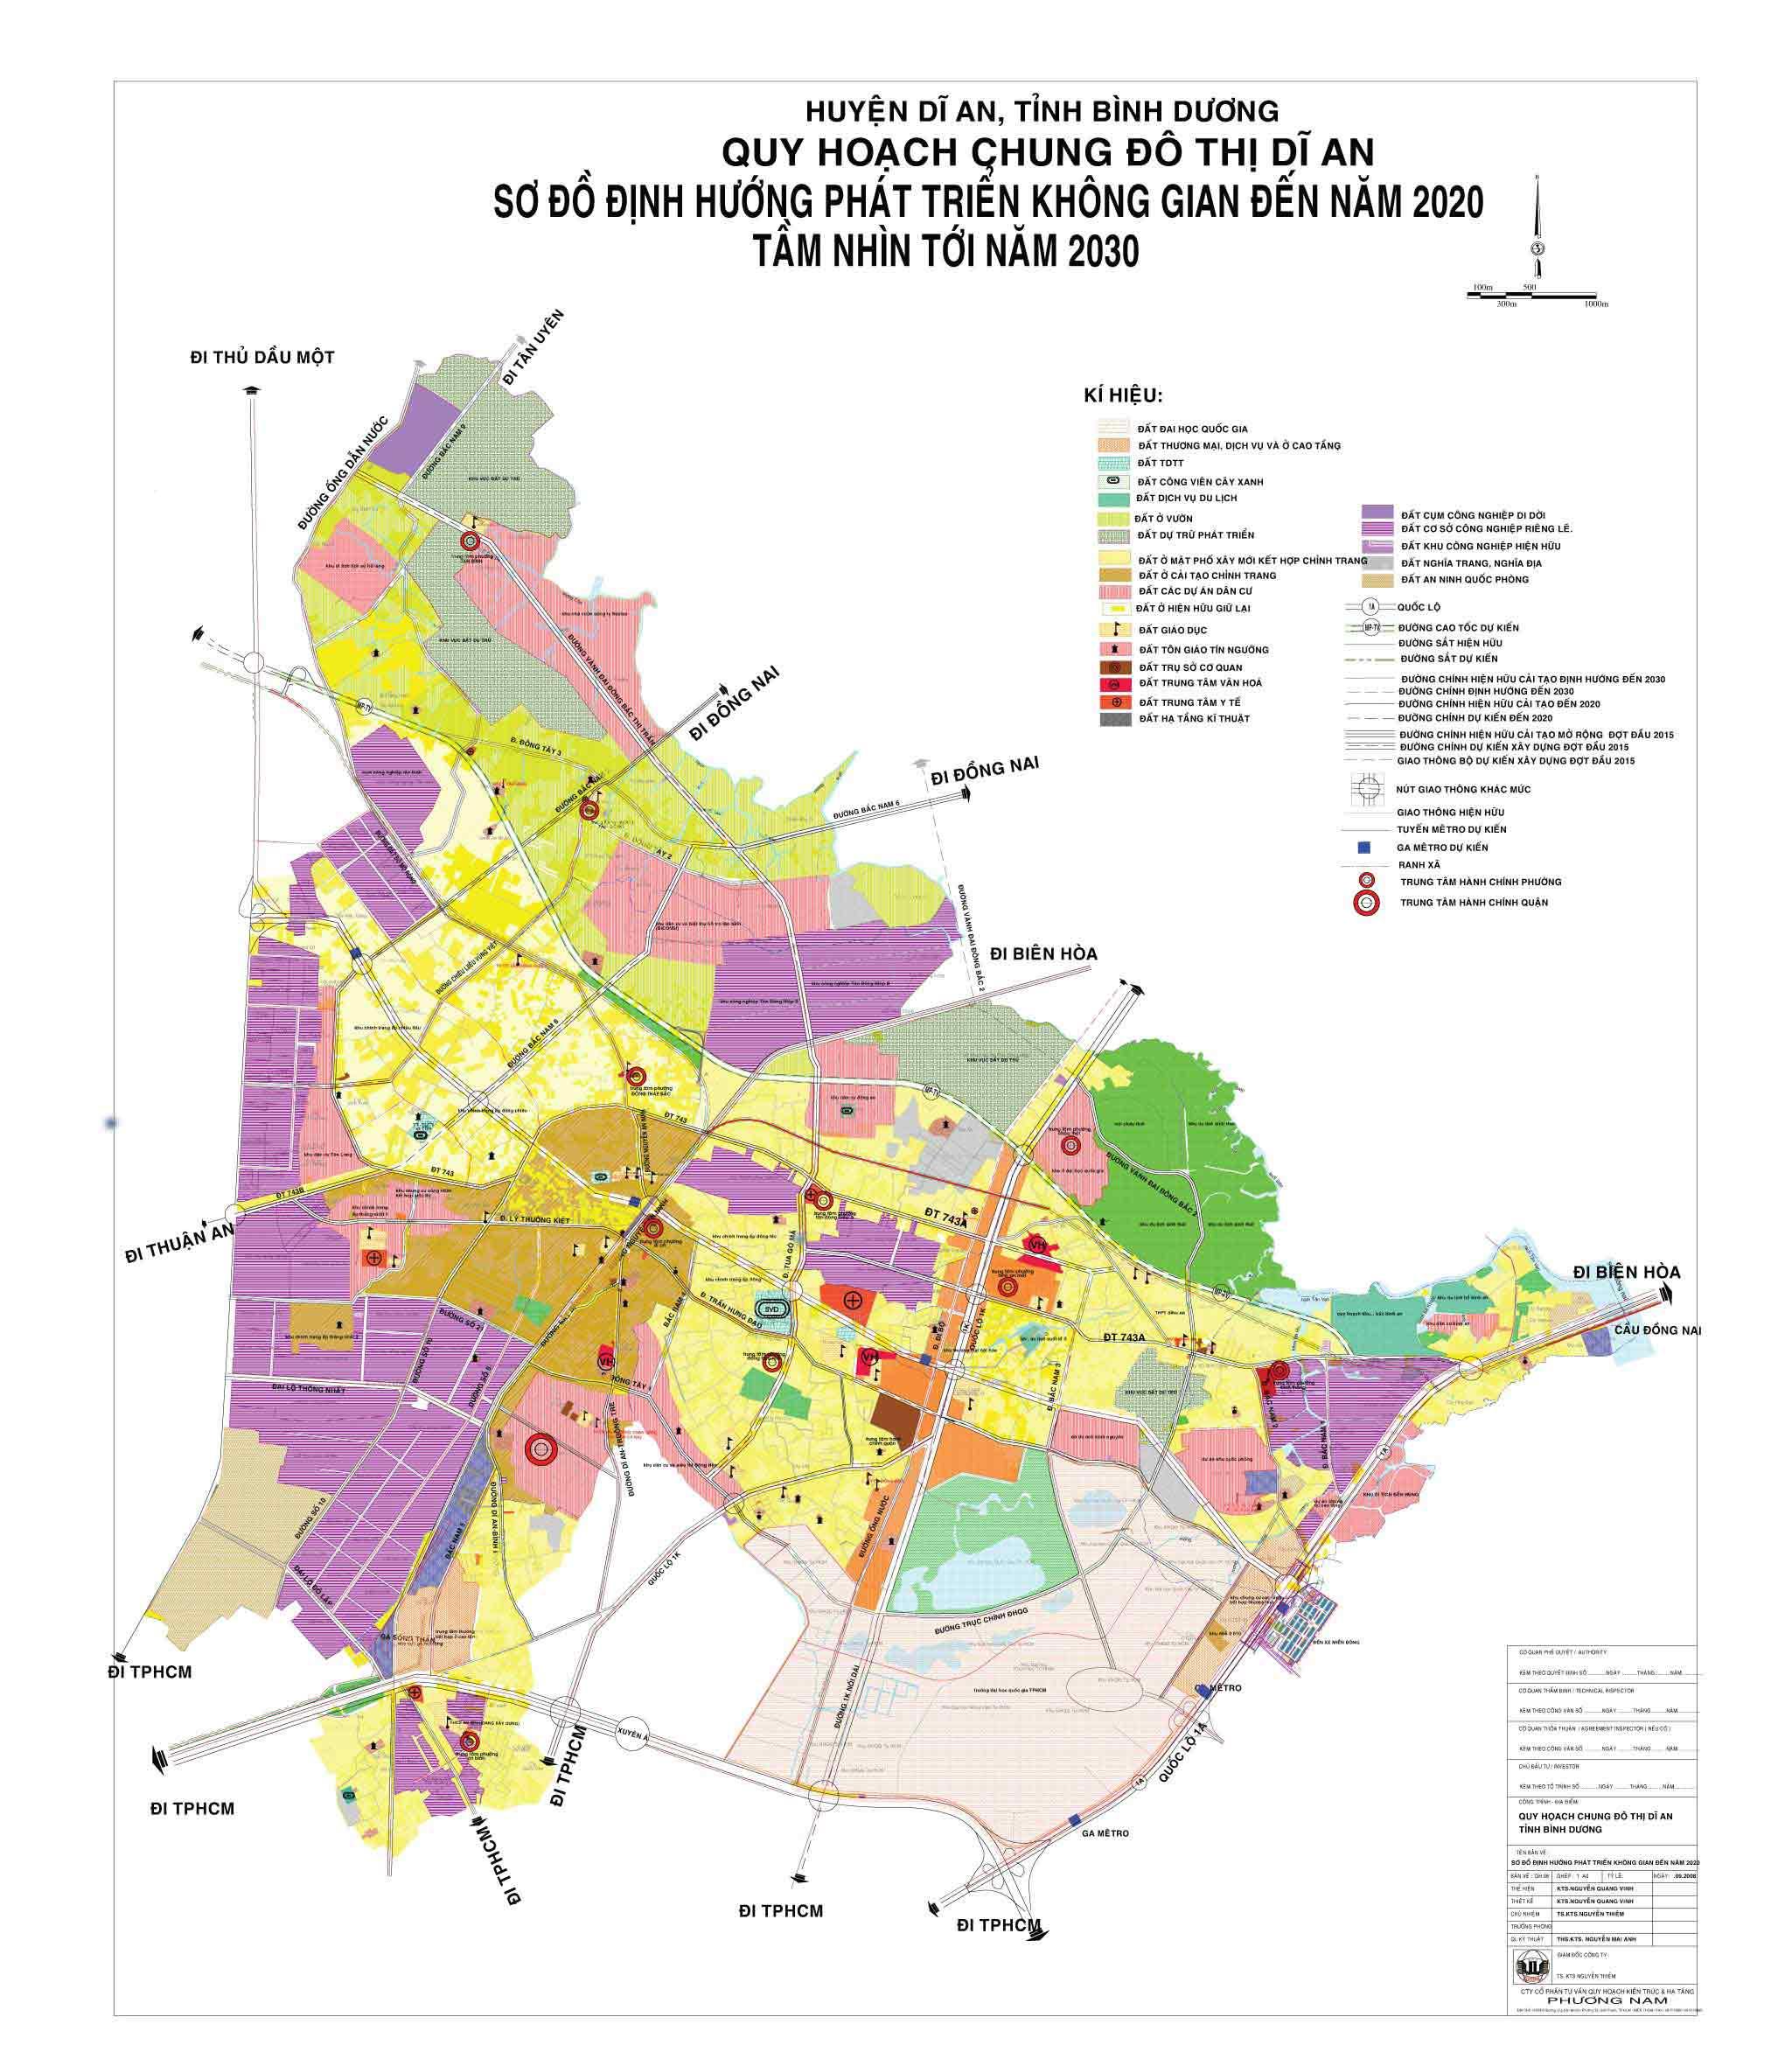 Quy hoạch chung đô thị Dĩ An đến năm 2020 tầm nhìn 2030